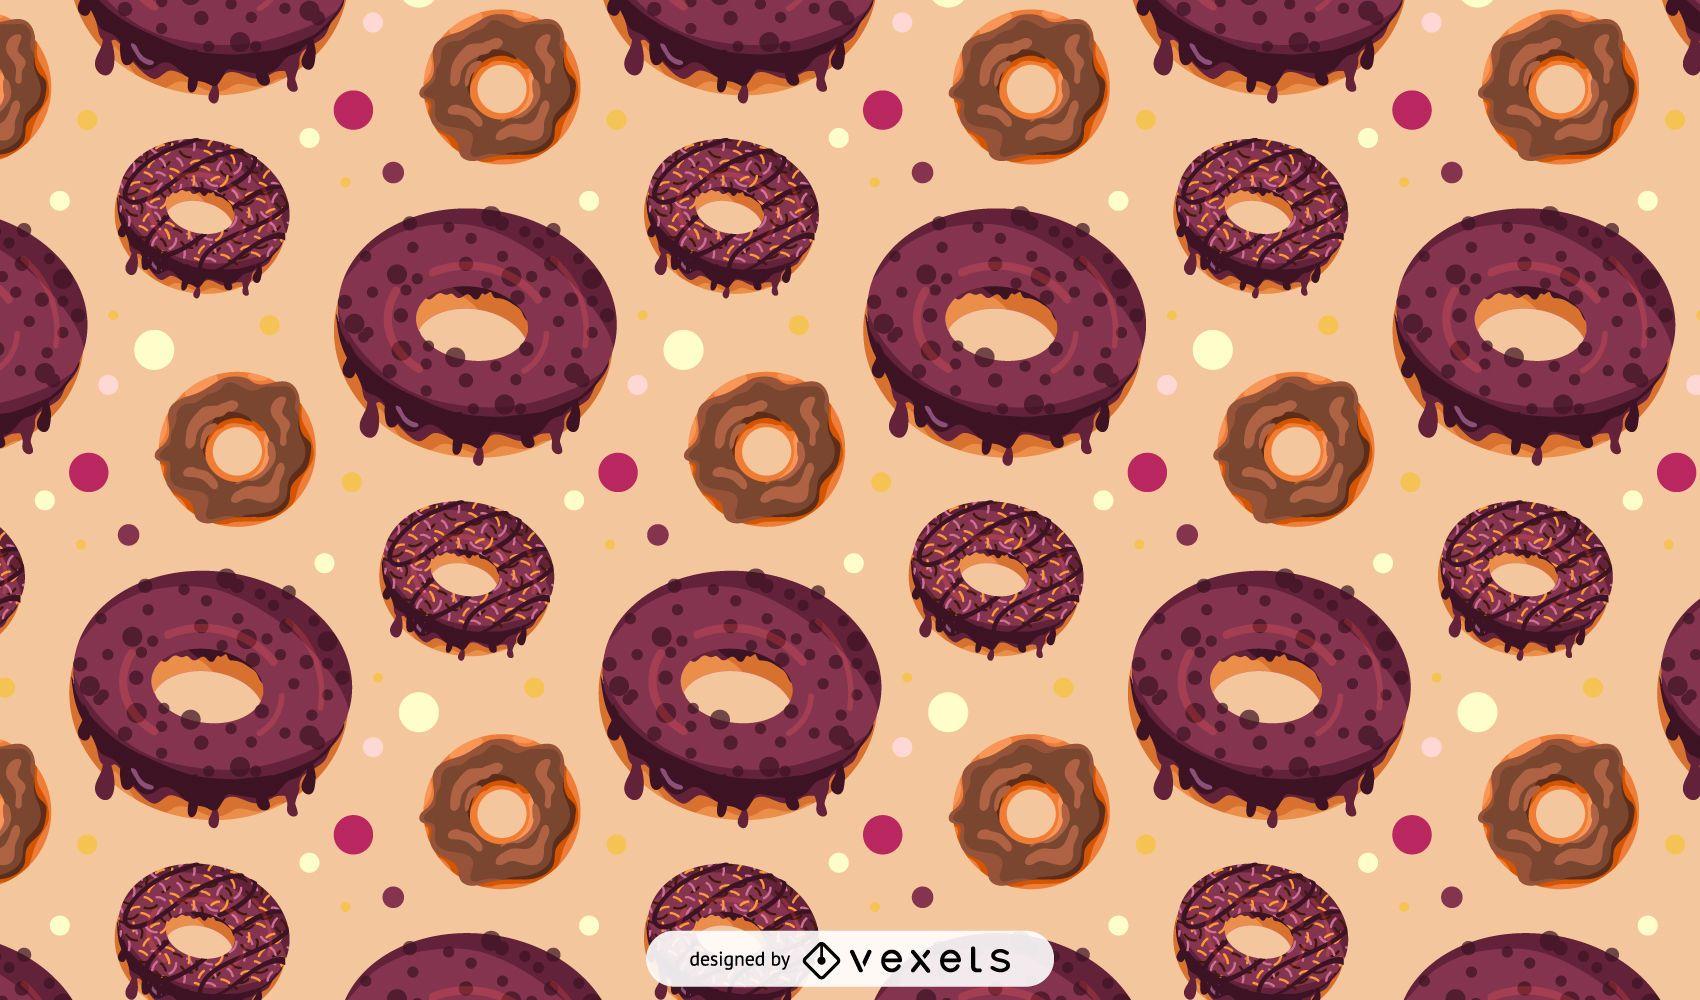 Diseño de patrón de donut de chocolate